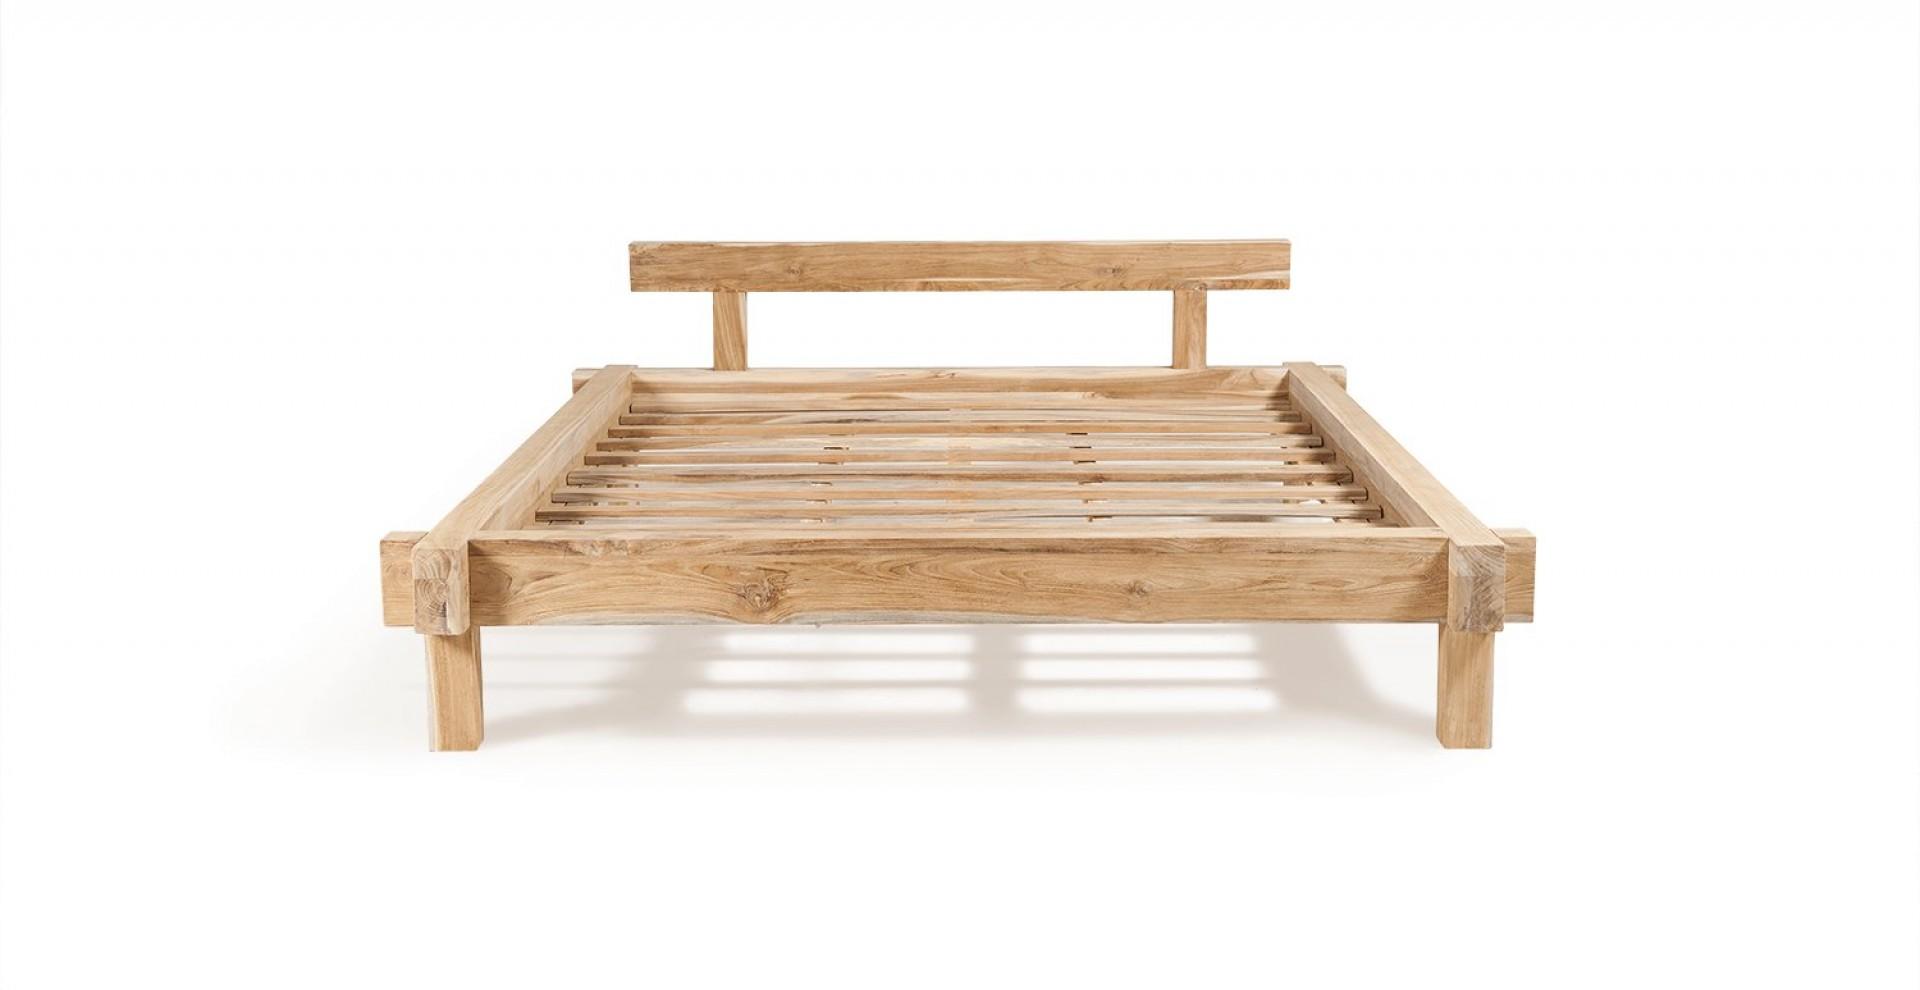 bett minimalis. Black Bedroom Furniture Sets. Home Design Ideas